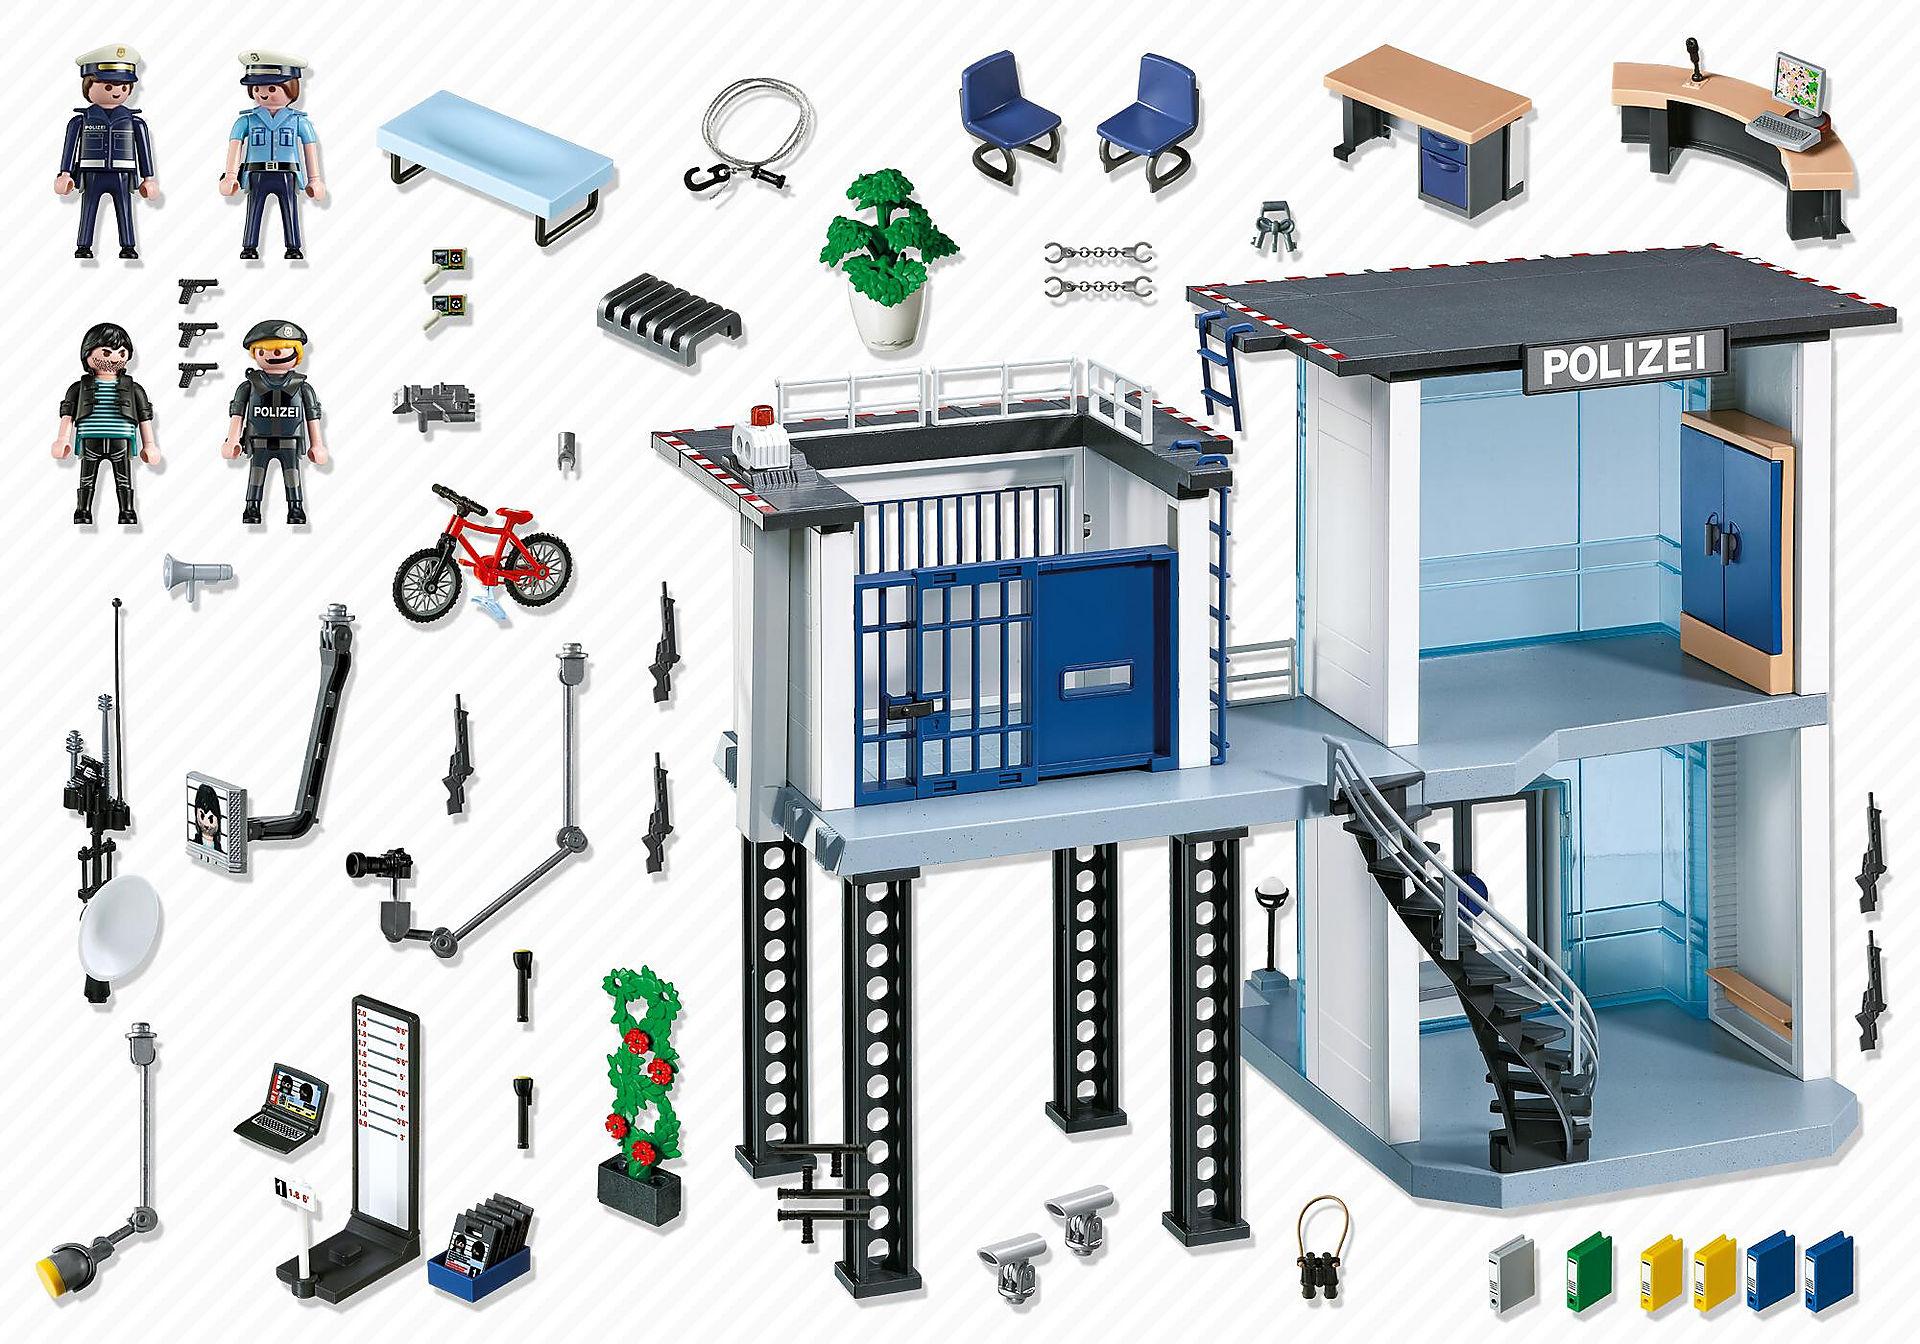 5176 Polizei-Kommandostation mit Alarmanlage zoom image4